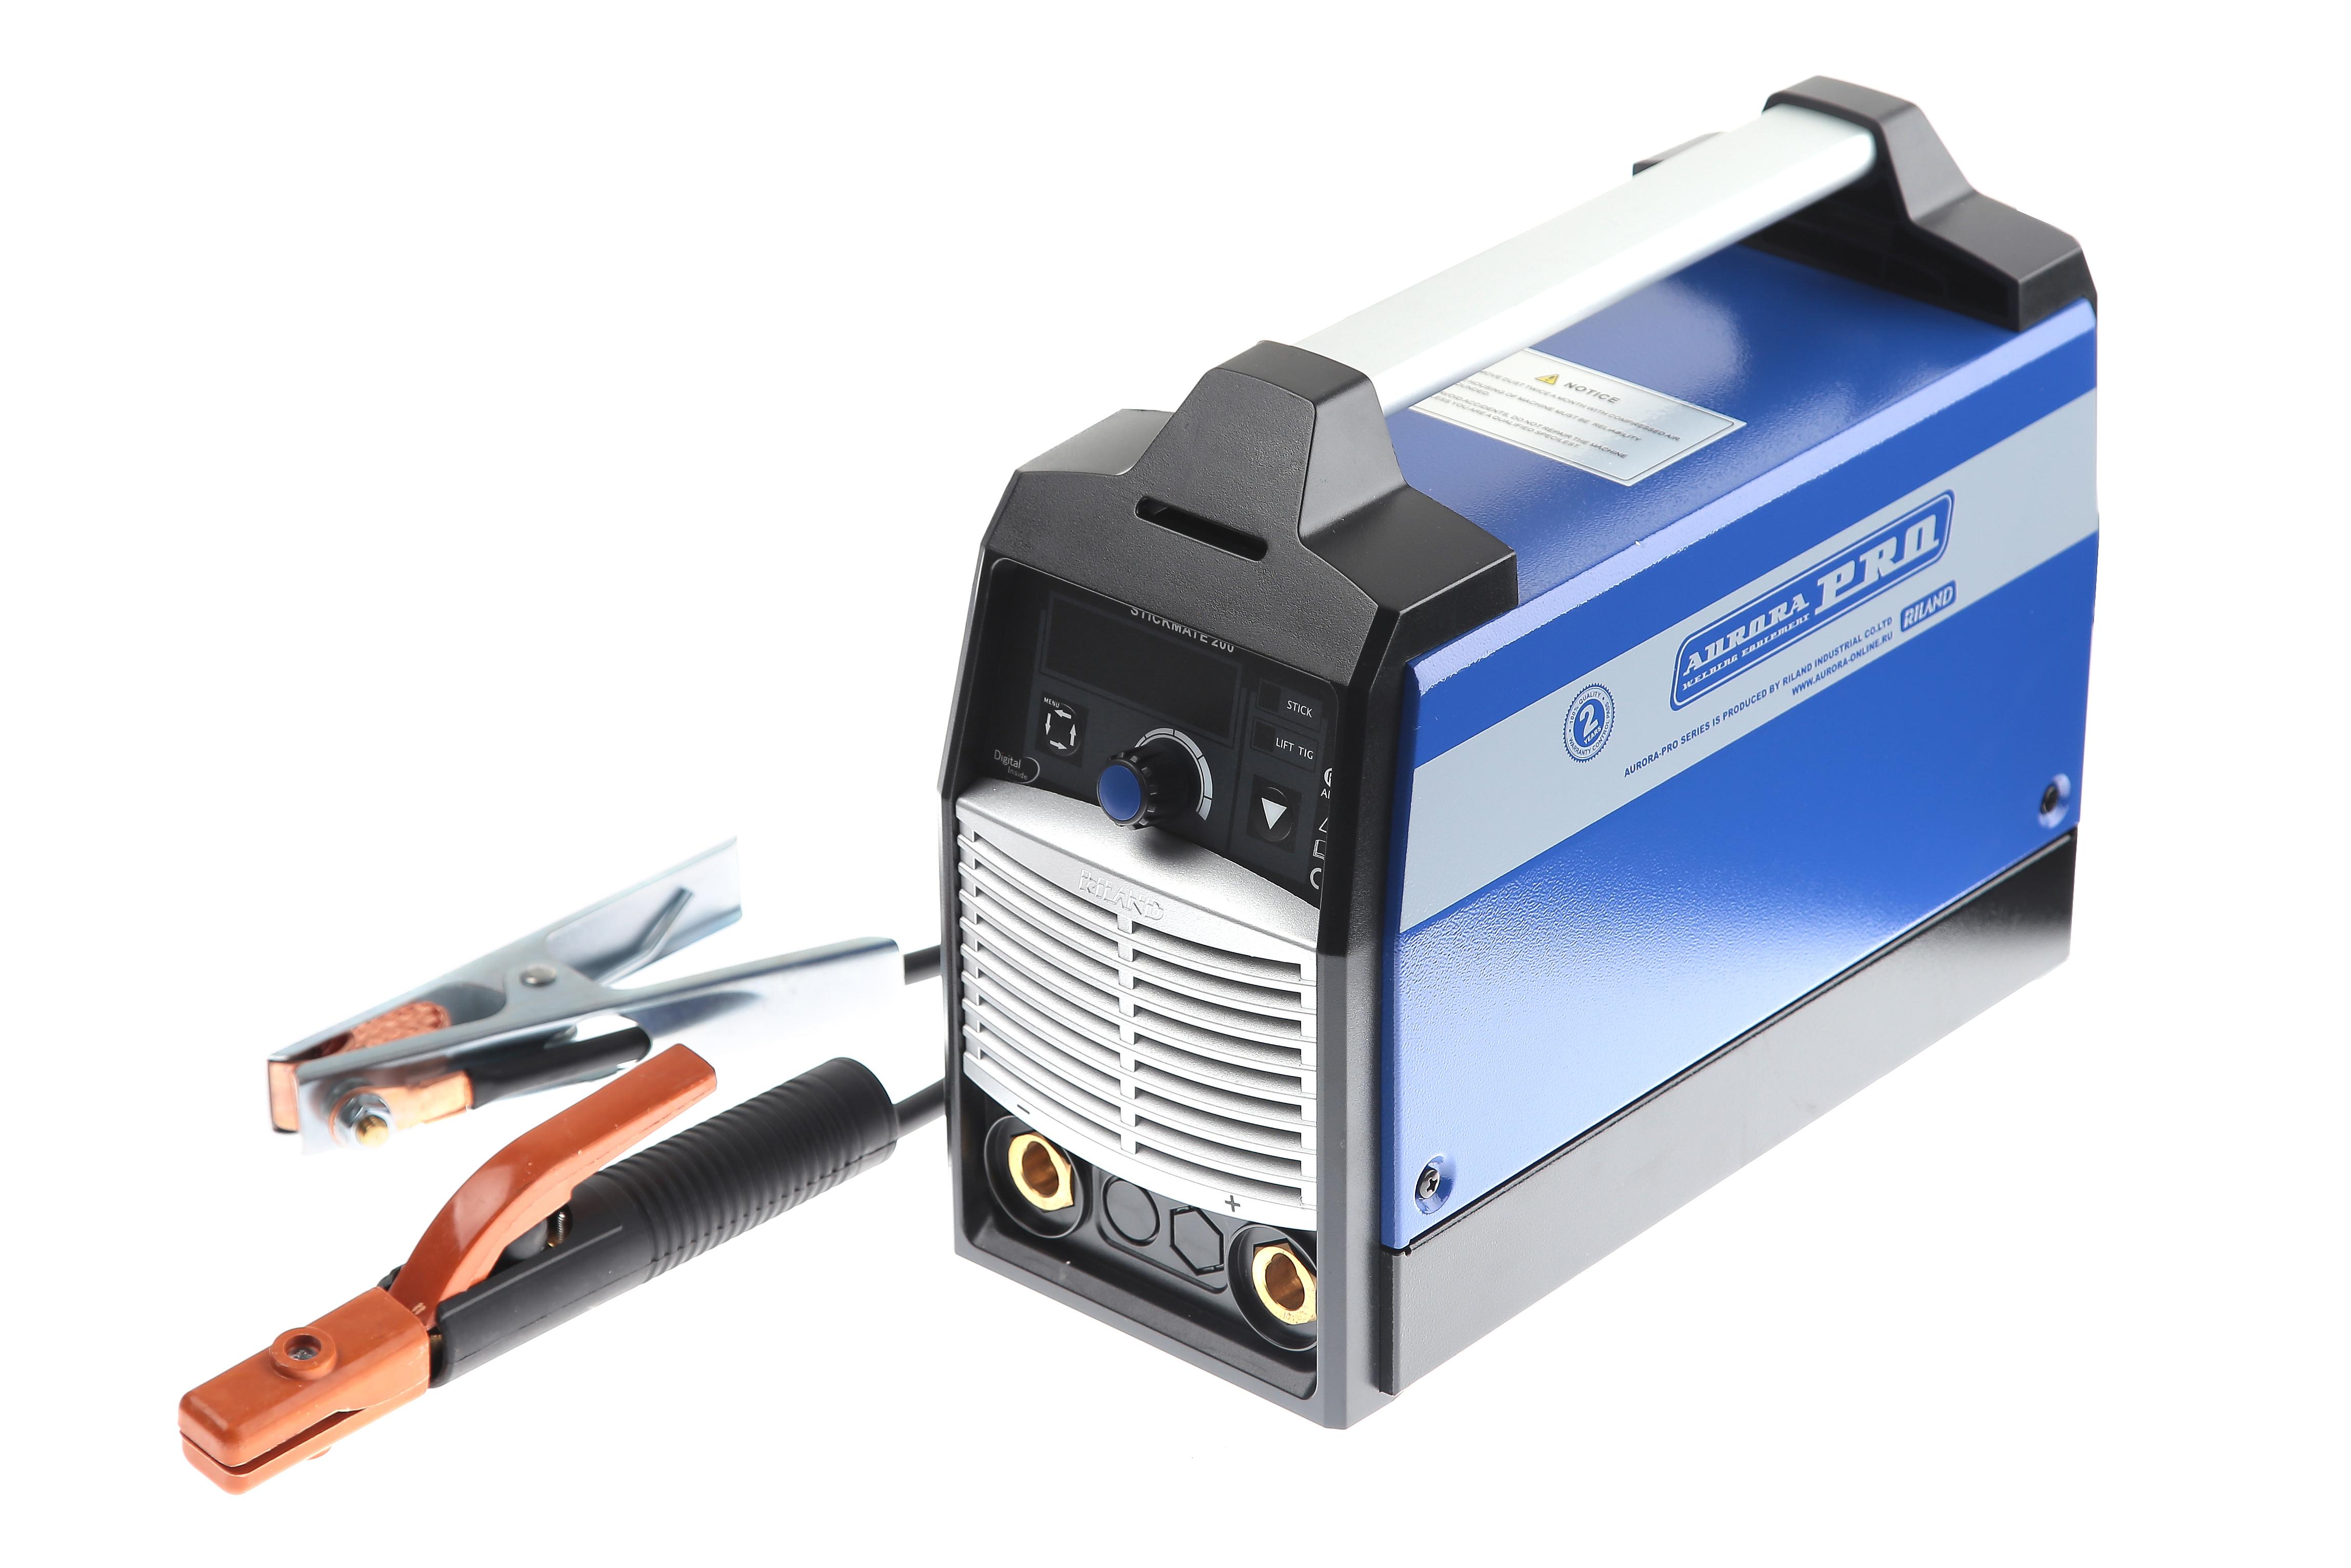 Сварочный инвертор Aurora pro Stickmate 200 сварочный аппарат aurora ultimate 300